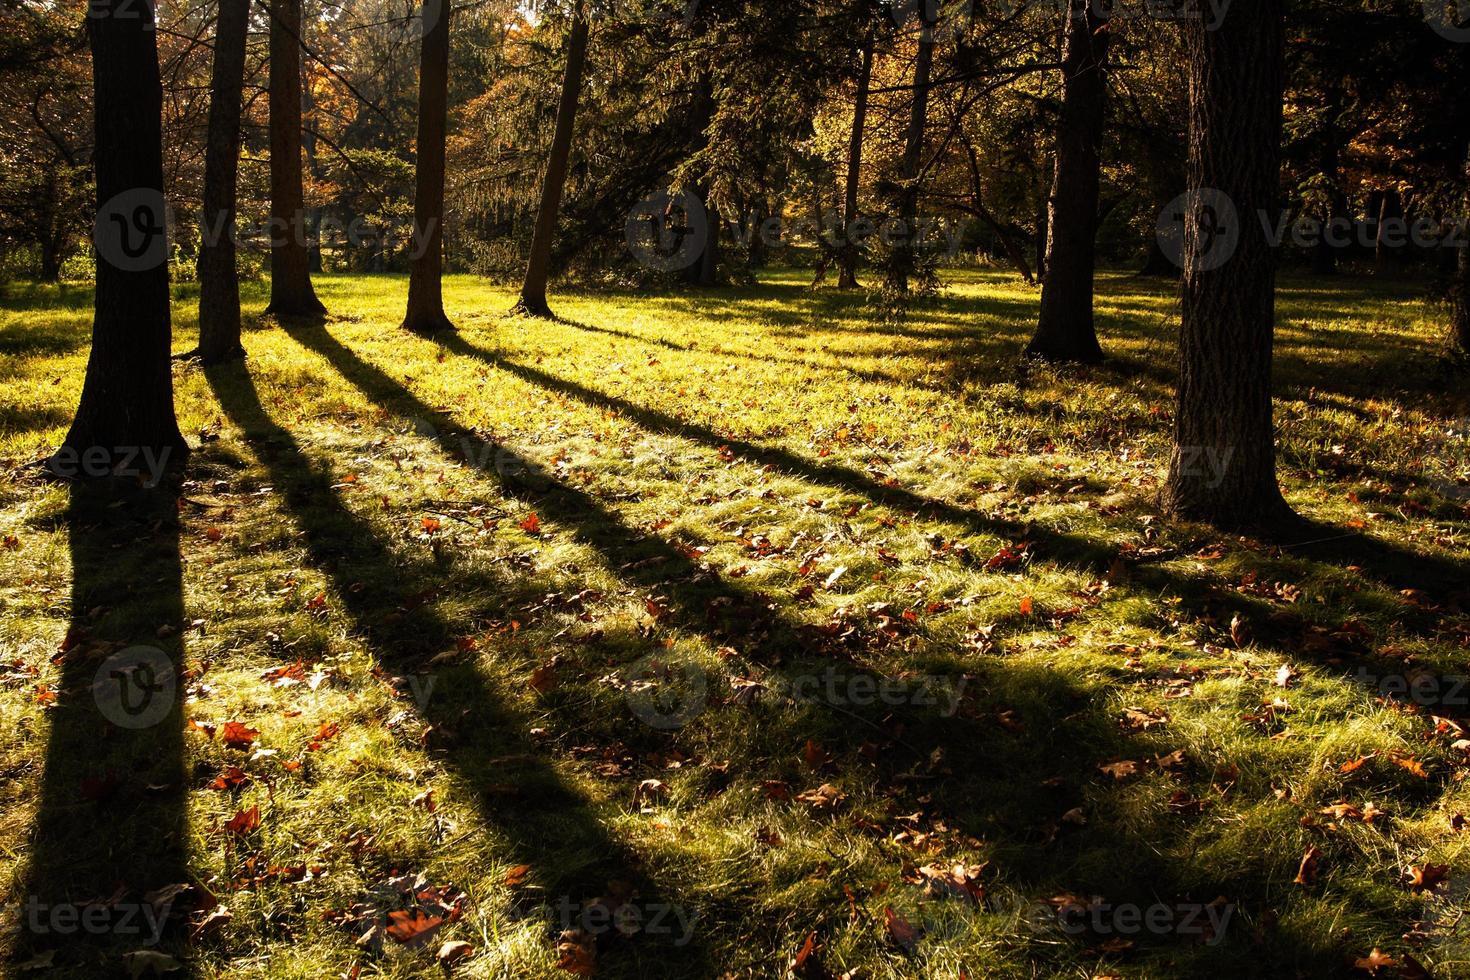 visuellt av naturen, morton arboretum lisle il usa foto